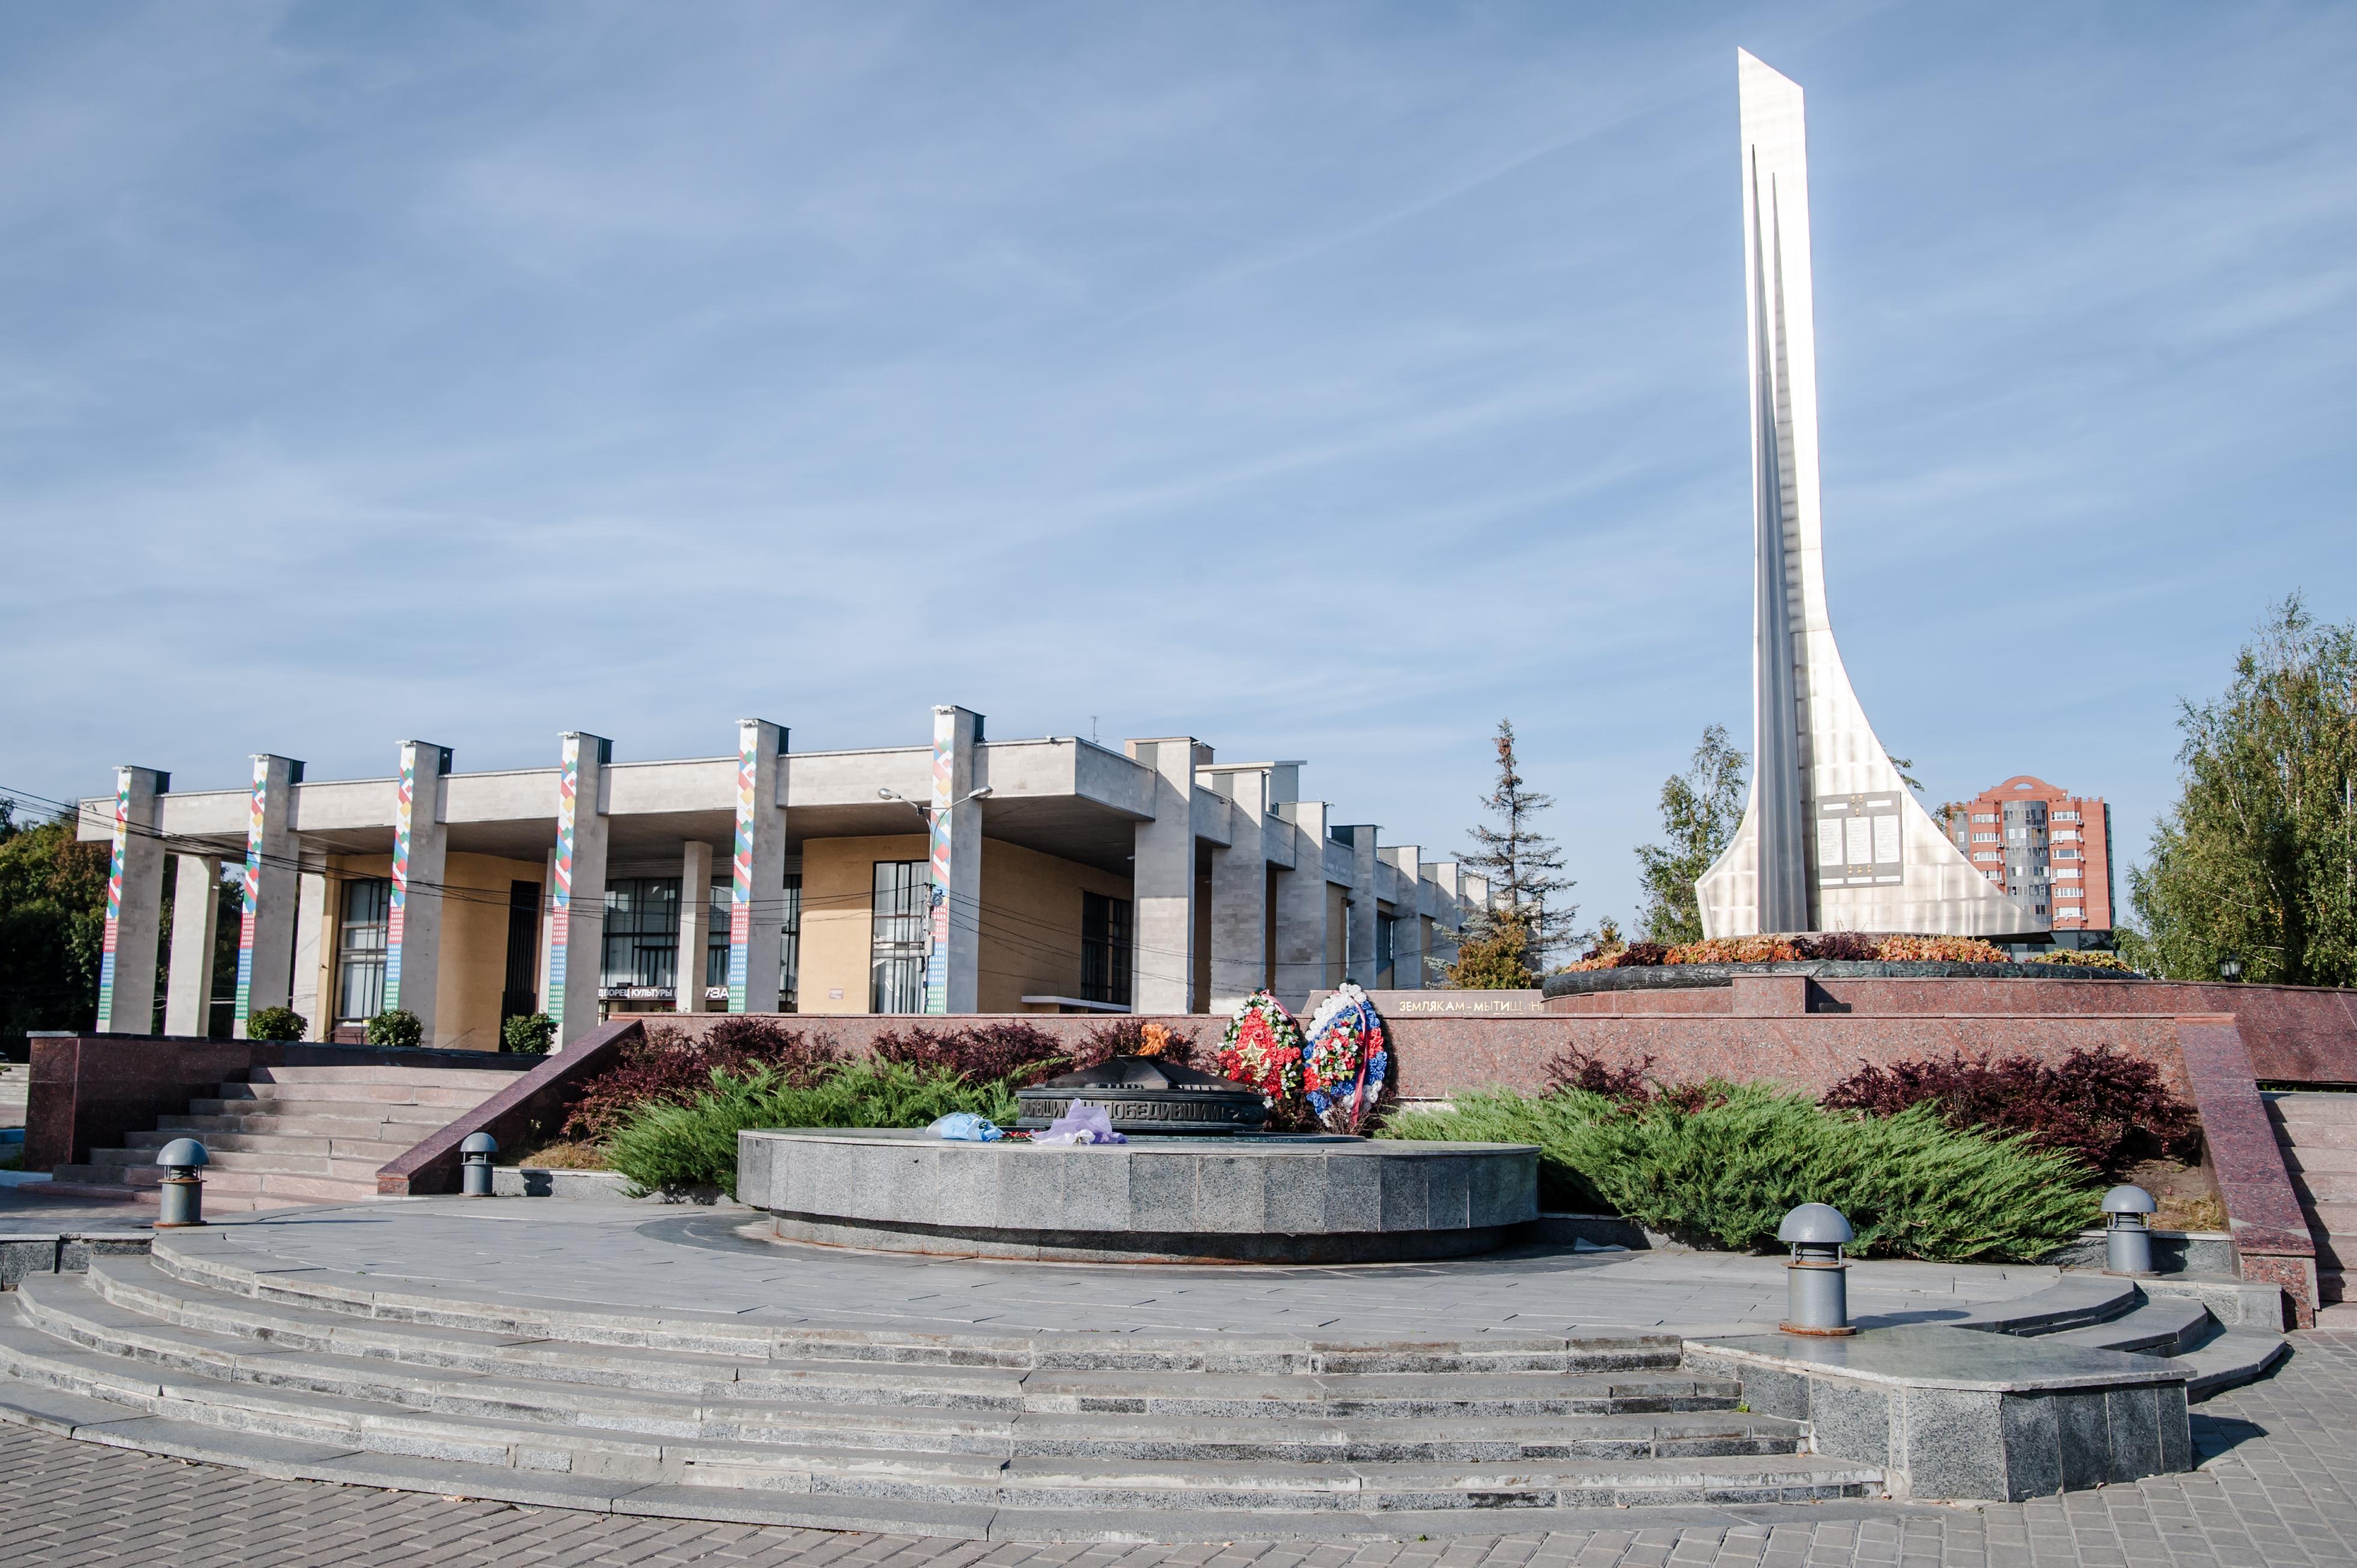 Ярославское направление, Мытищи, парк центральный